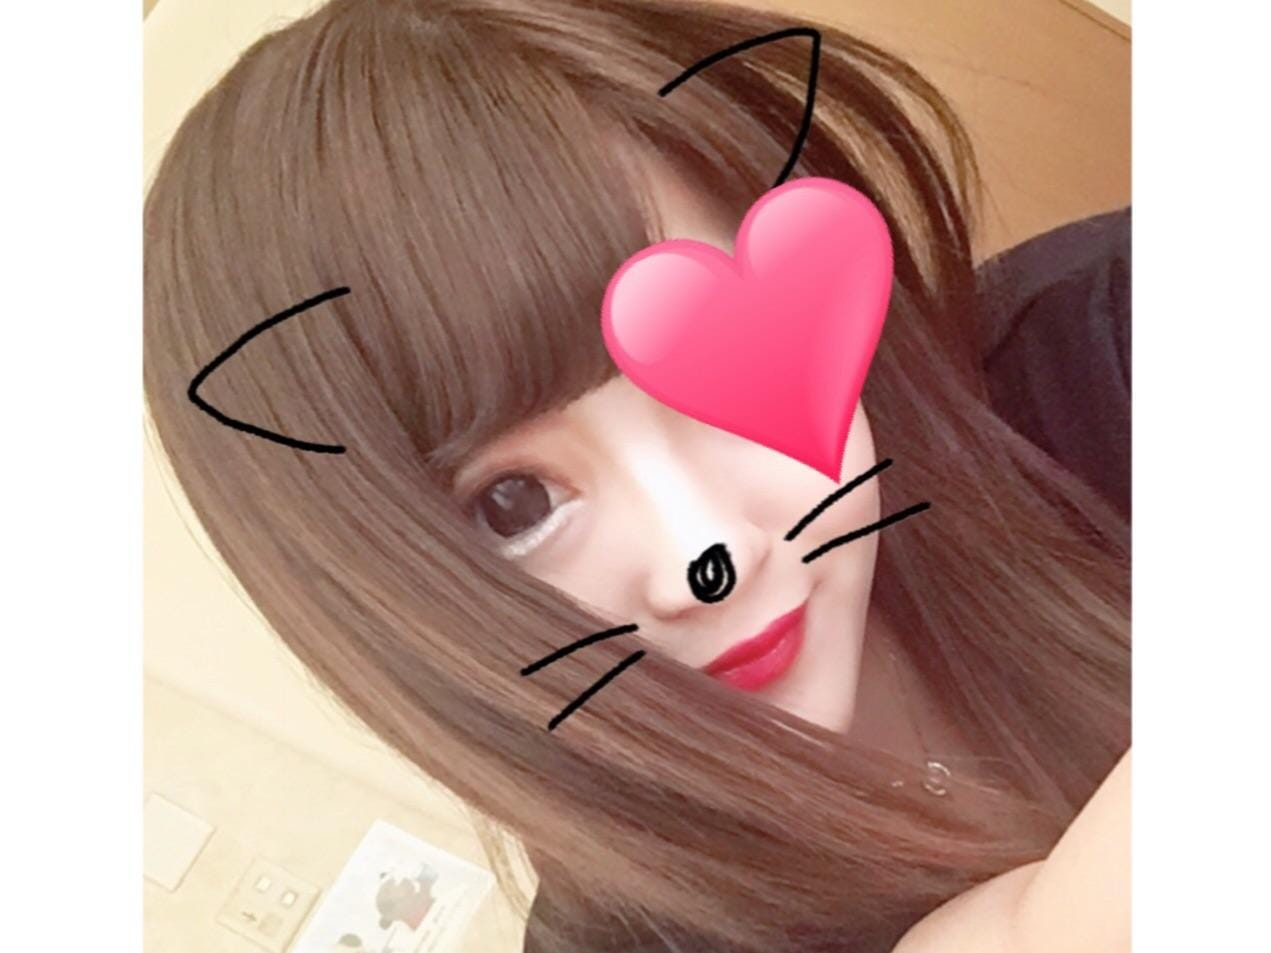 「お題?」10/19(金) 01:32   アユの写メ・風俗動画